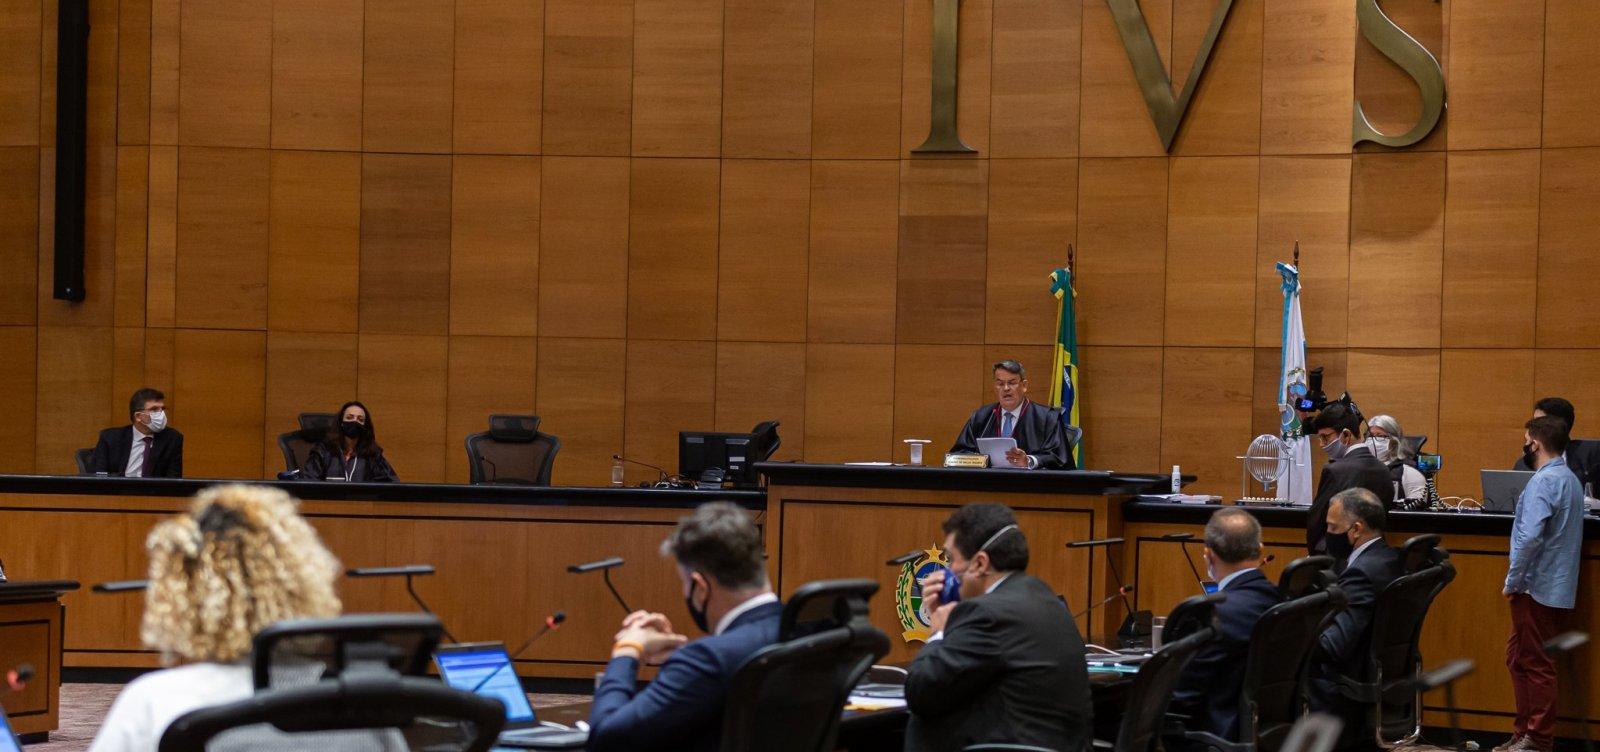 Wilson Witzel é afastado definitivamente do cargo de governador do Rio de Janeiro